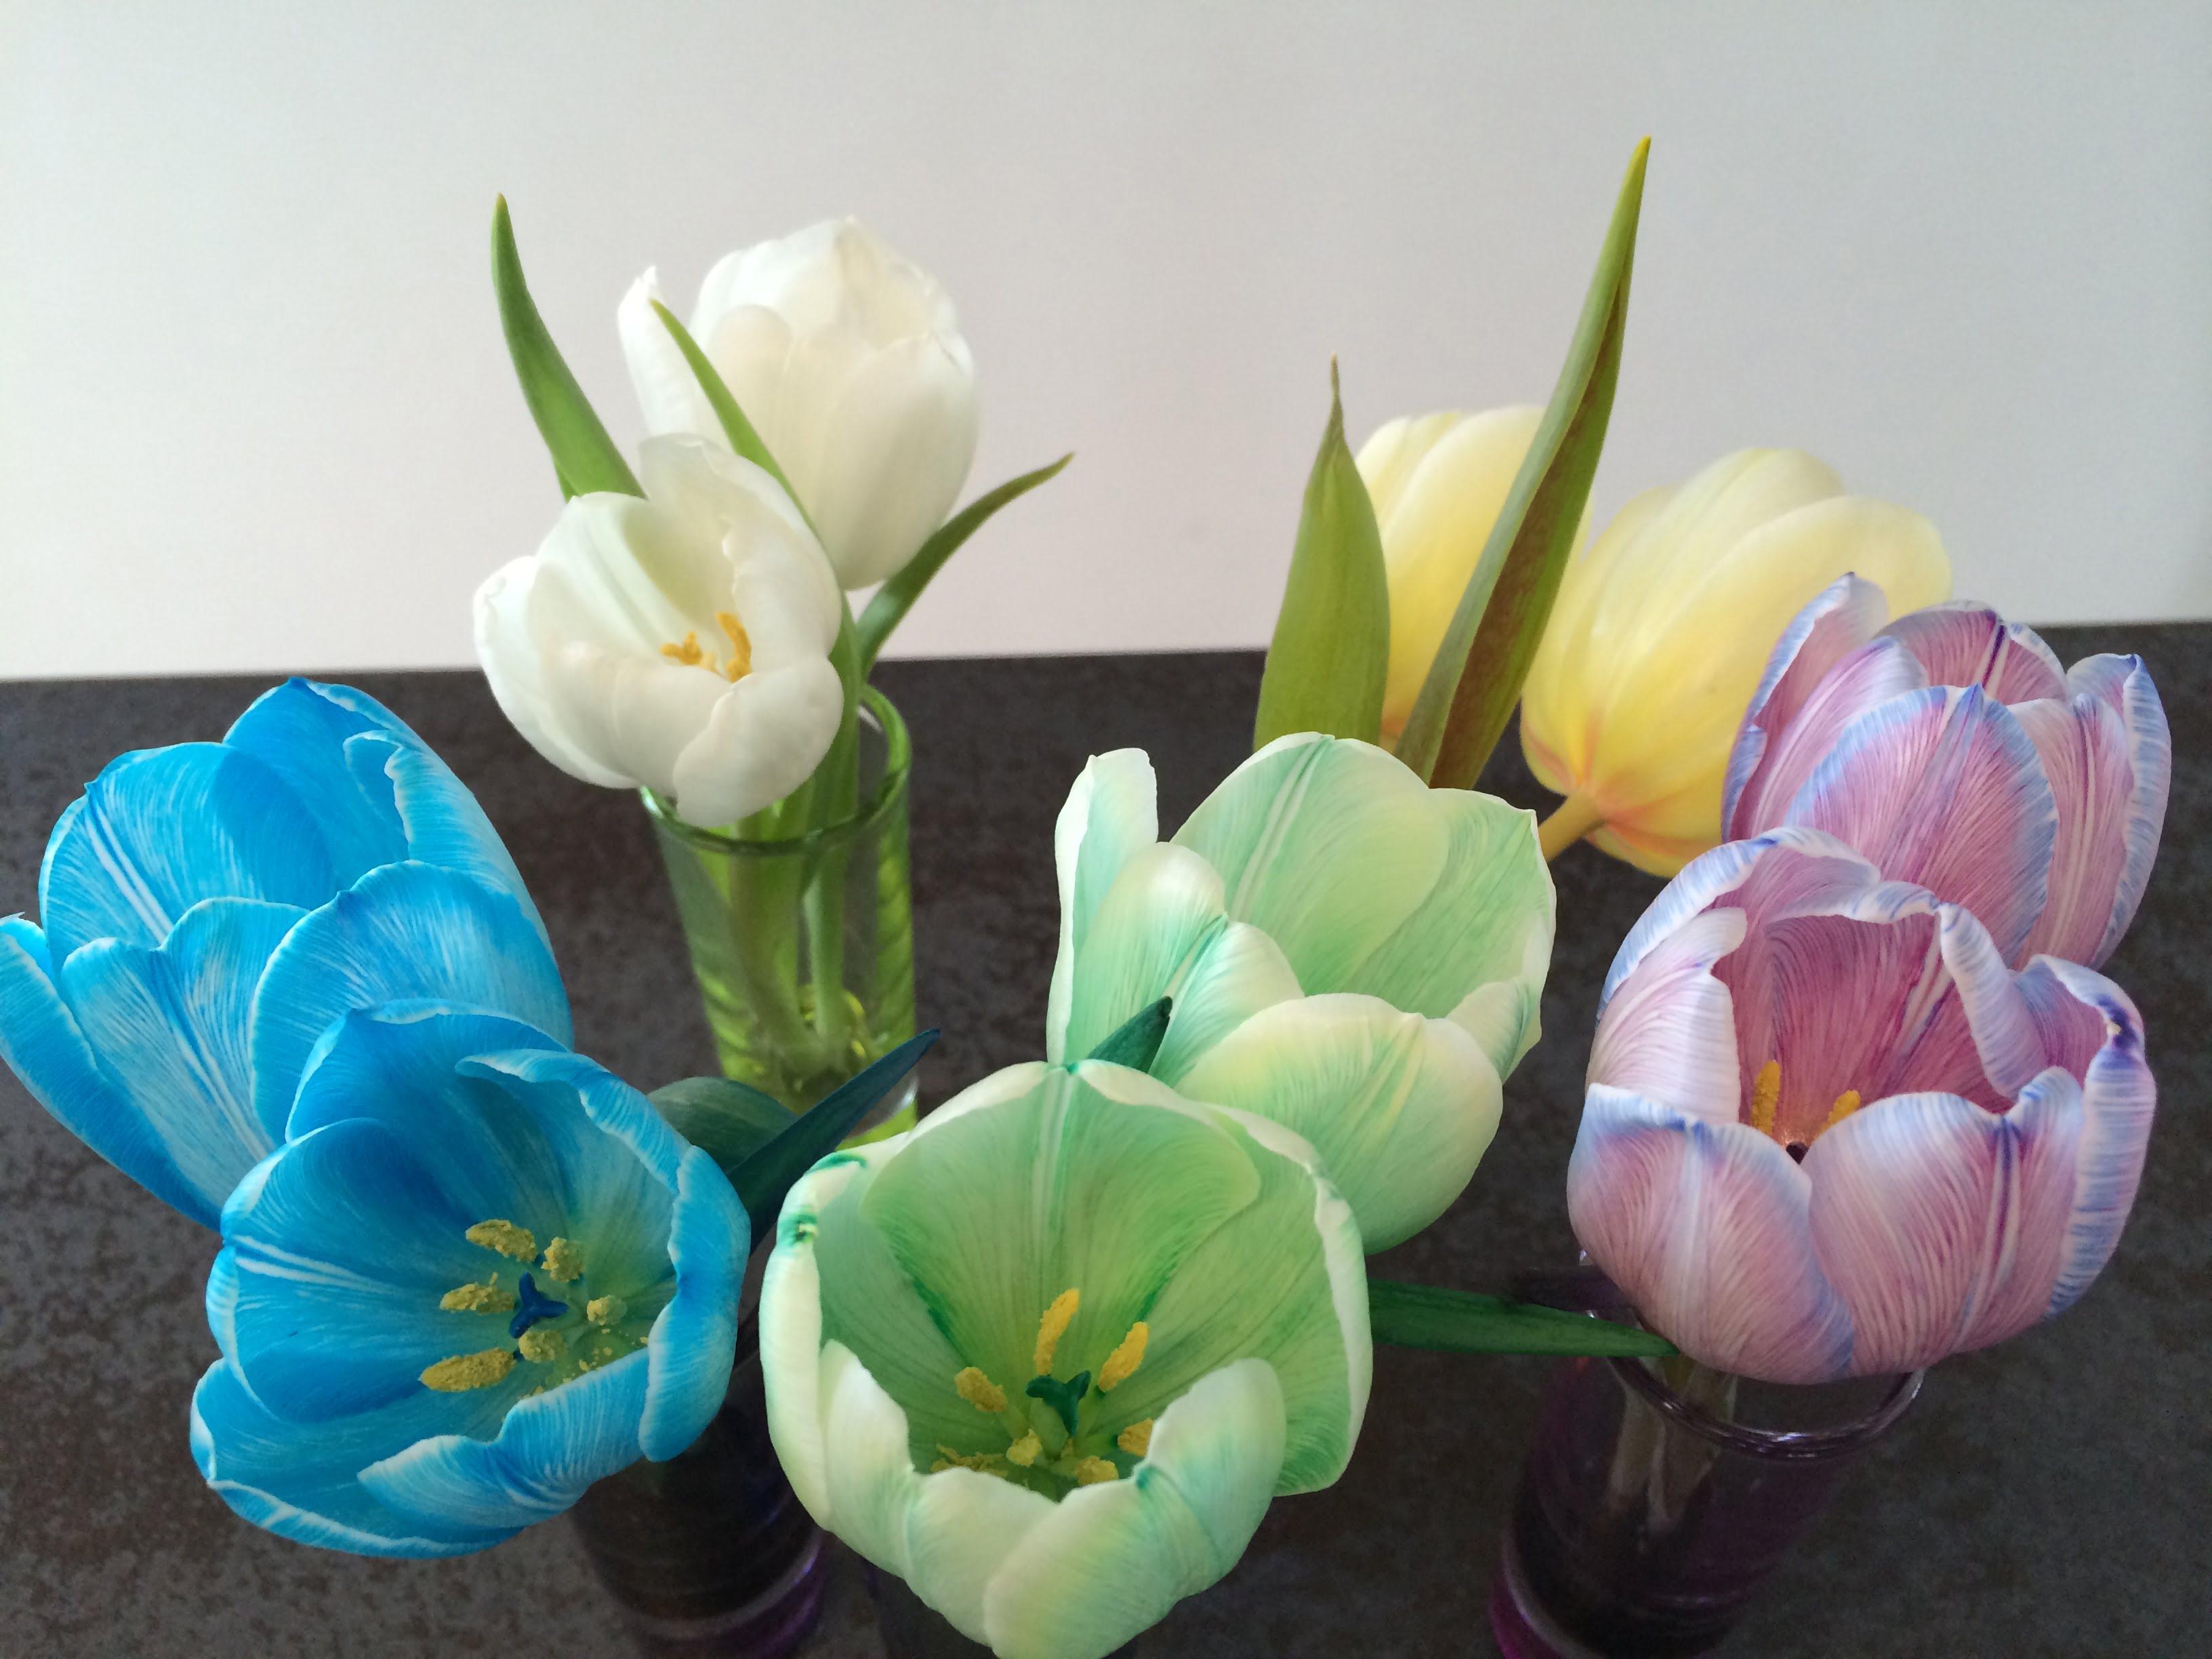 Zweiter Versuch: Experiment Tulpen färben | Die Angelones – der ...